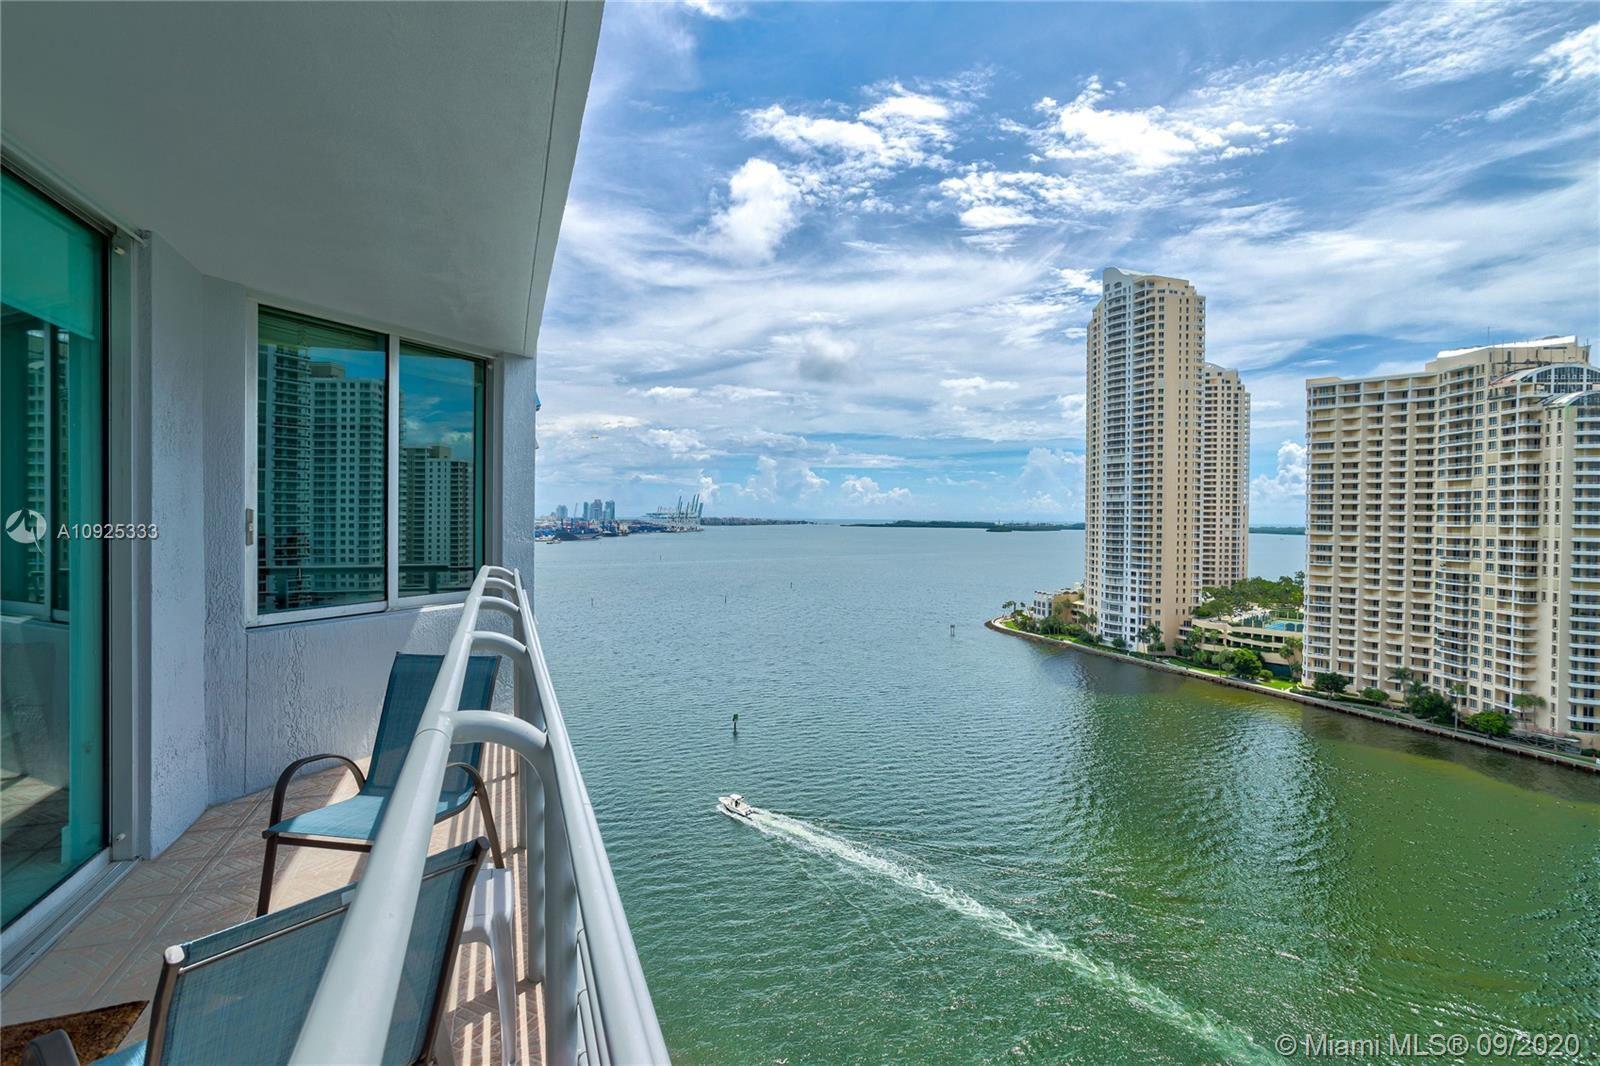 325 S Biscayne Blvd #1821, Miami, FL 33131 - #: A10925333